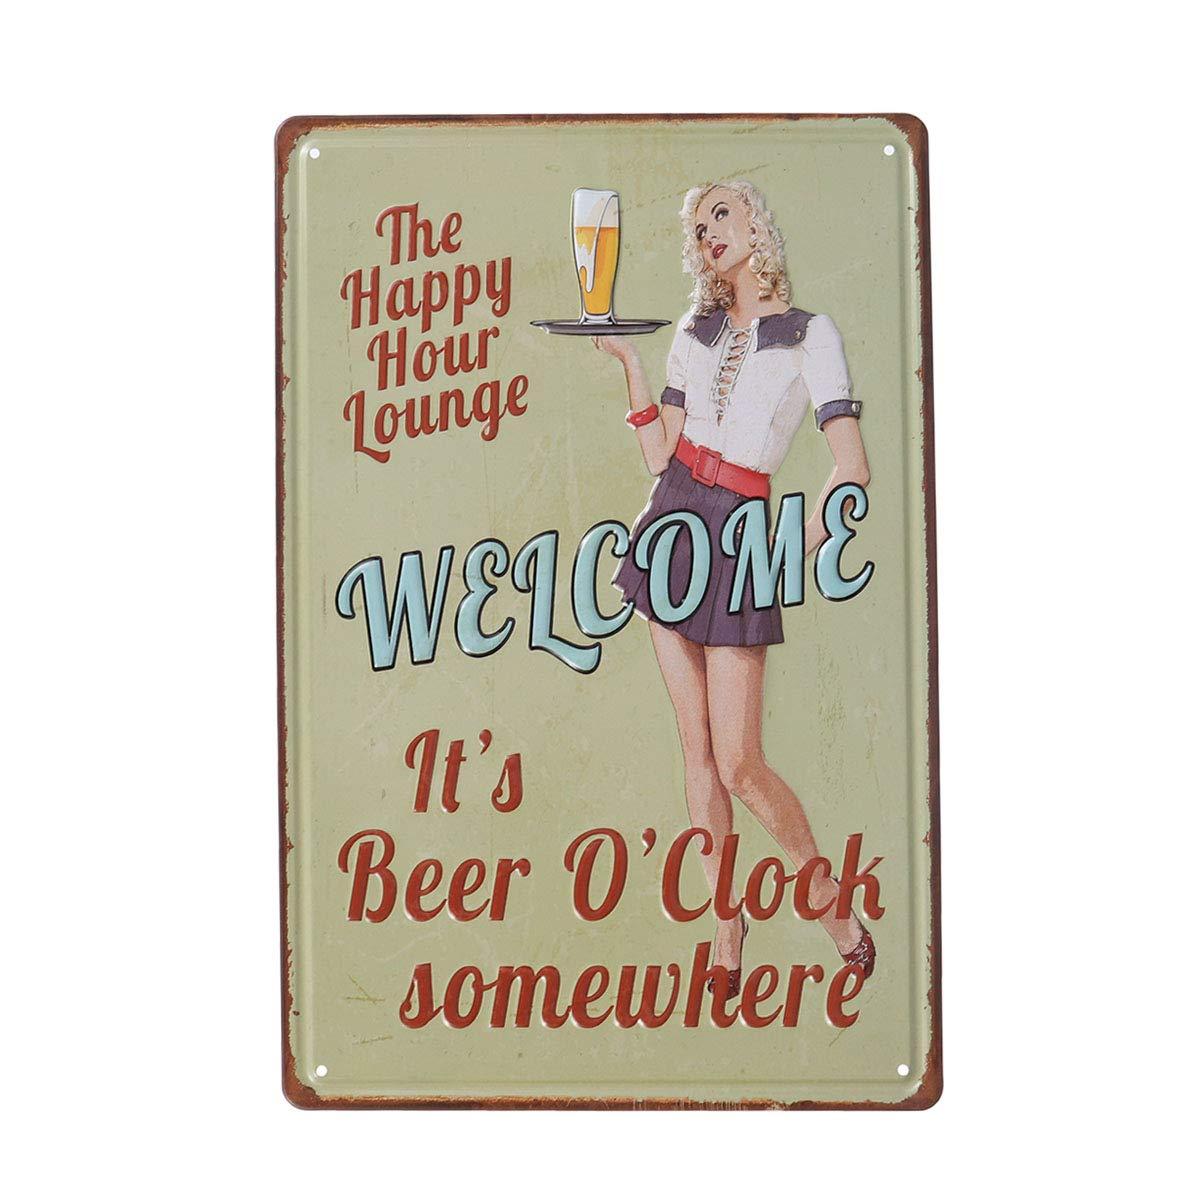 Lheureux Salon dheure Vosarea Plaque en m/étal Vintage R/étro Rustique D/écoration Plaque Vintage pour Maison Cafe Bar Pub Bi/ère D/écoration